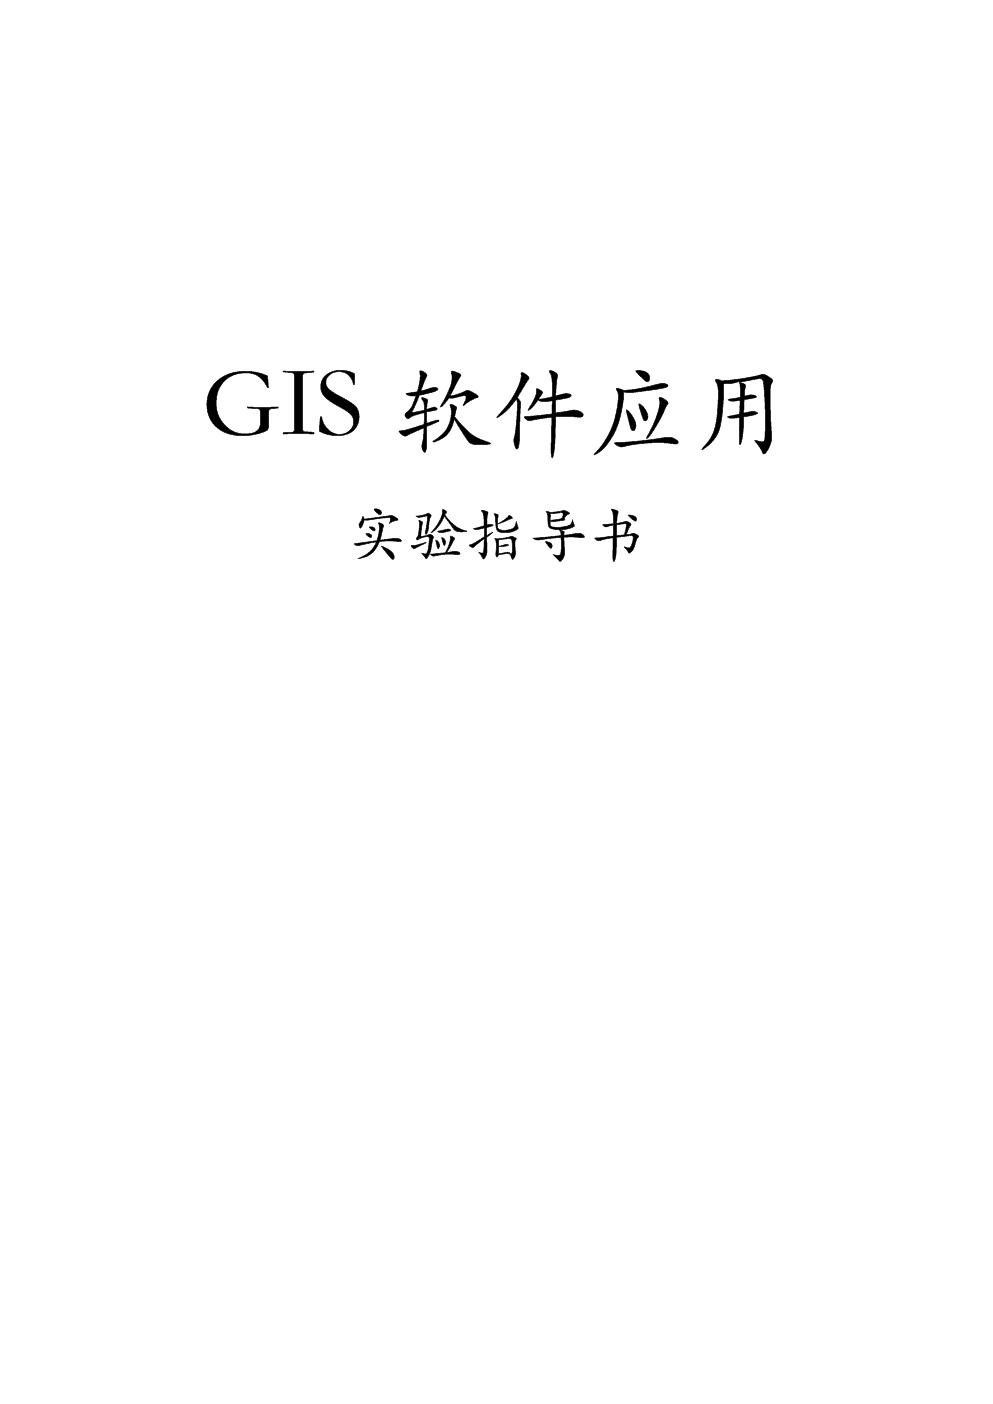 gis软件应用实验指导书.doc